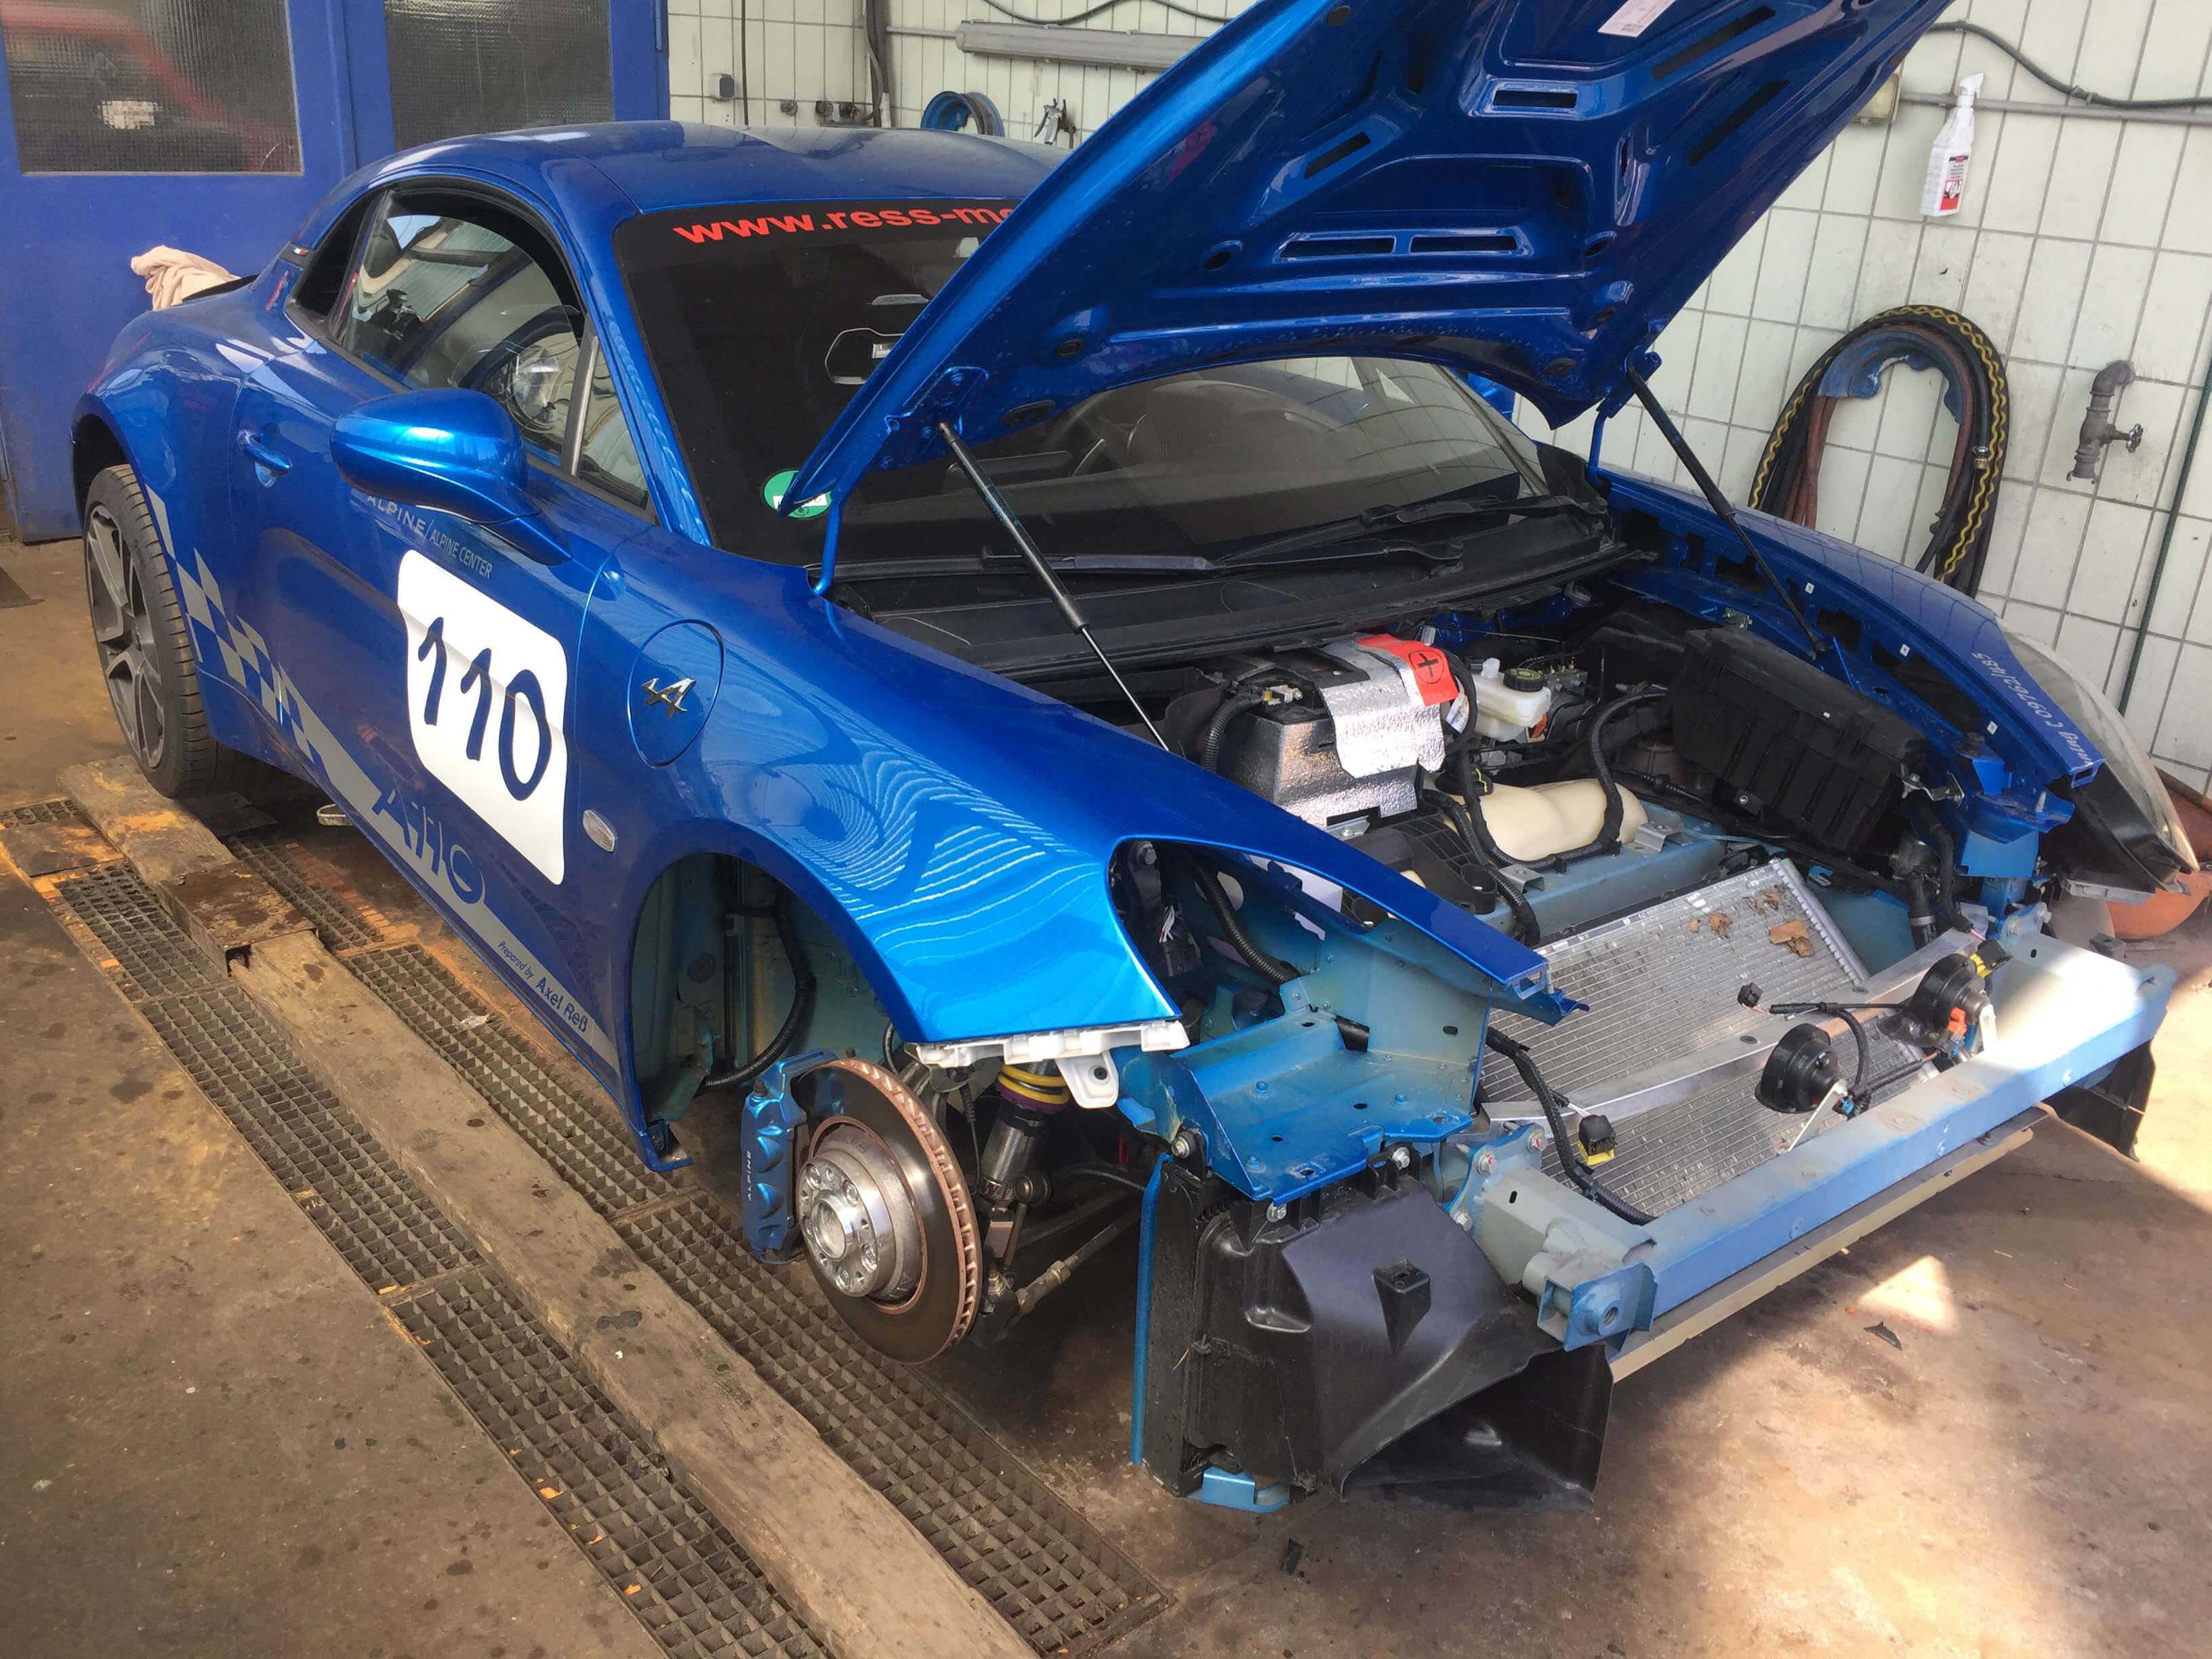 Alpine A110 Unfall Service und Wartung